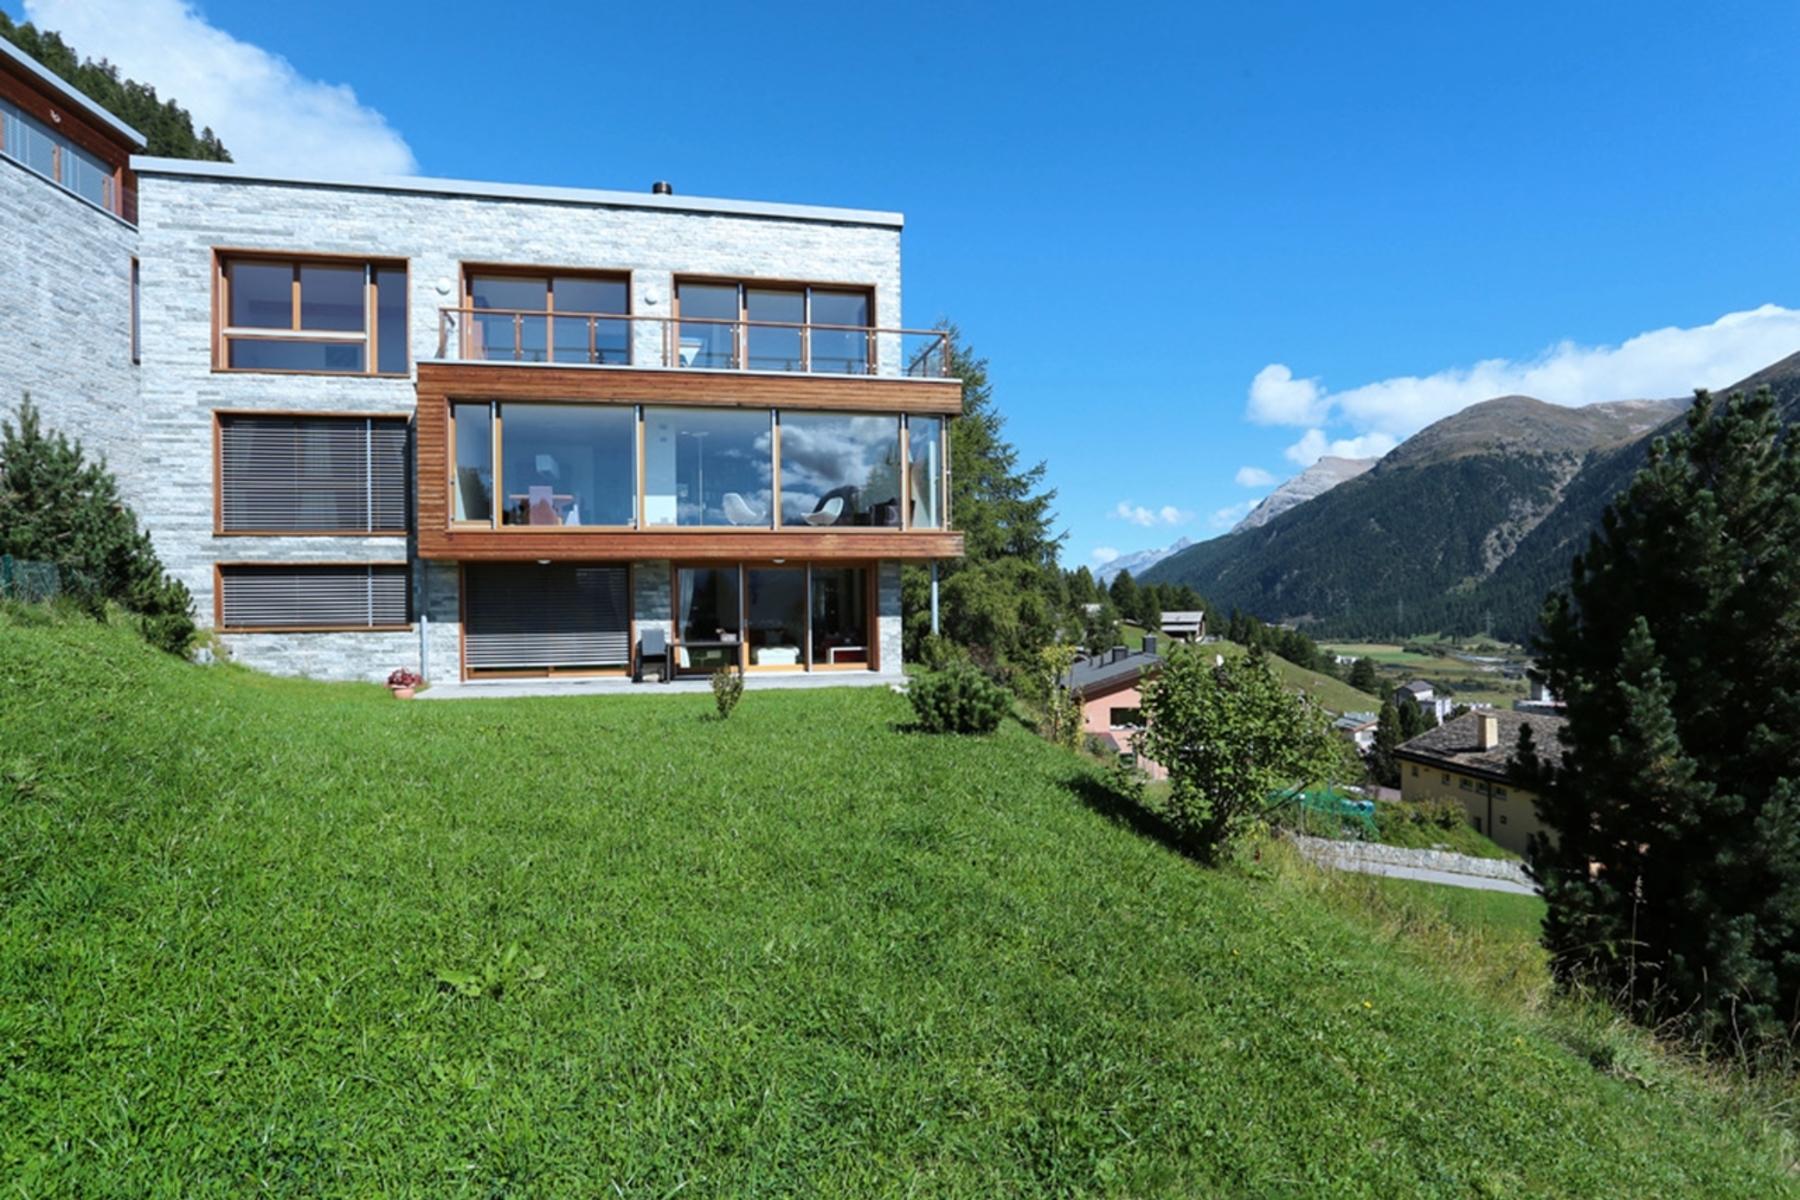 Maison unifamiliale pour l Vente à For sale, Villa, 7503 Samedan, Ref. 1551413 Other Switzerland, Autres Régions De La Suisse, 7503 Suisse